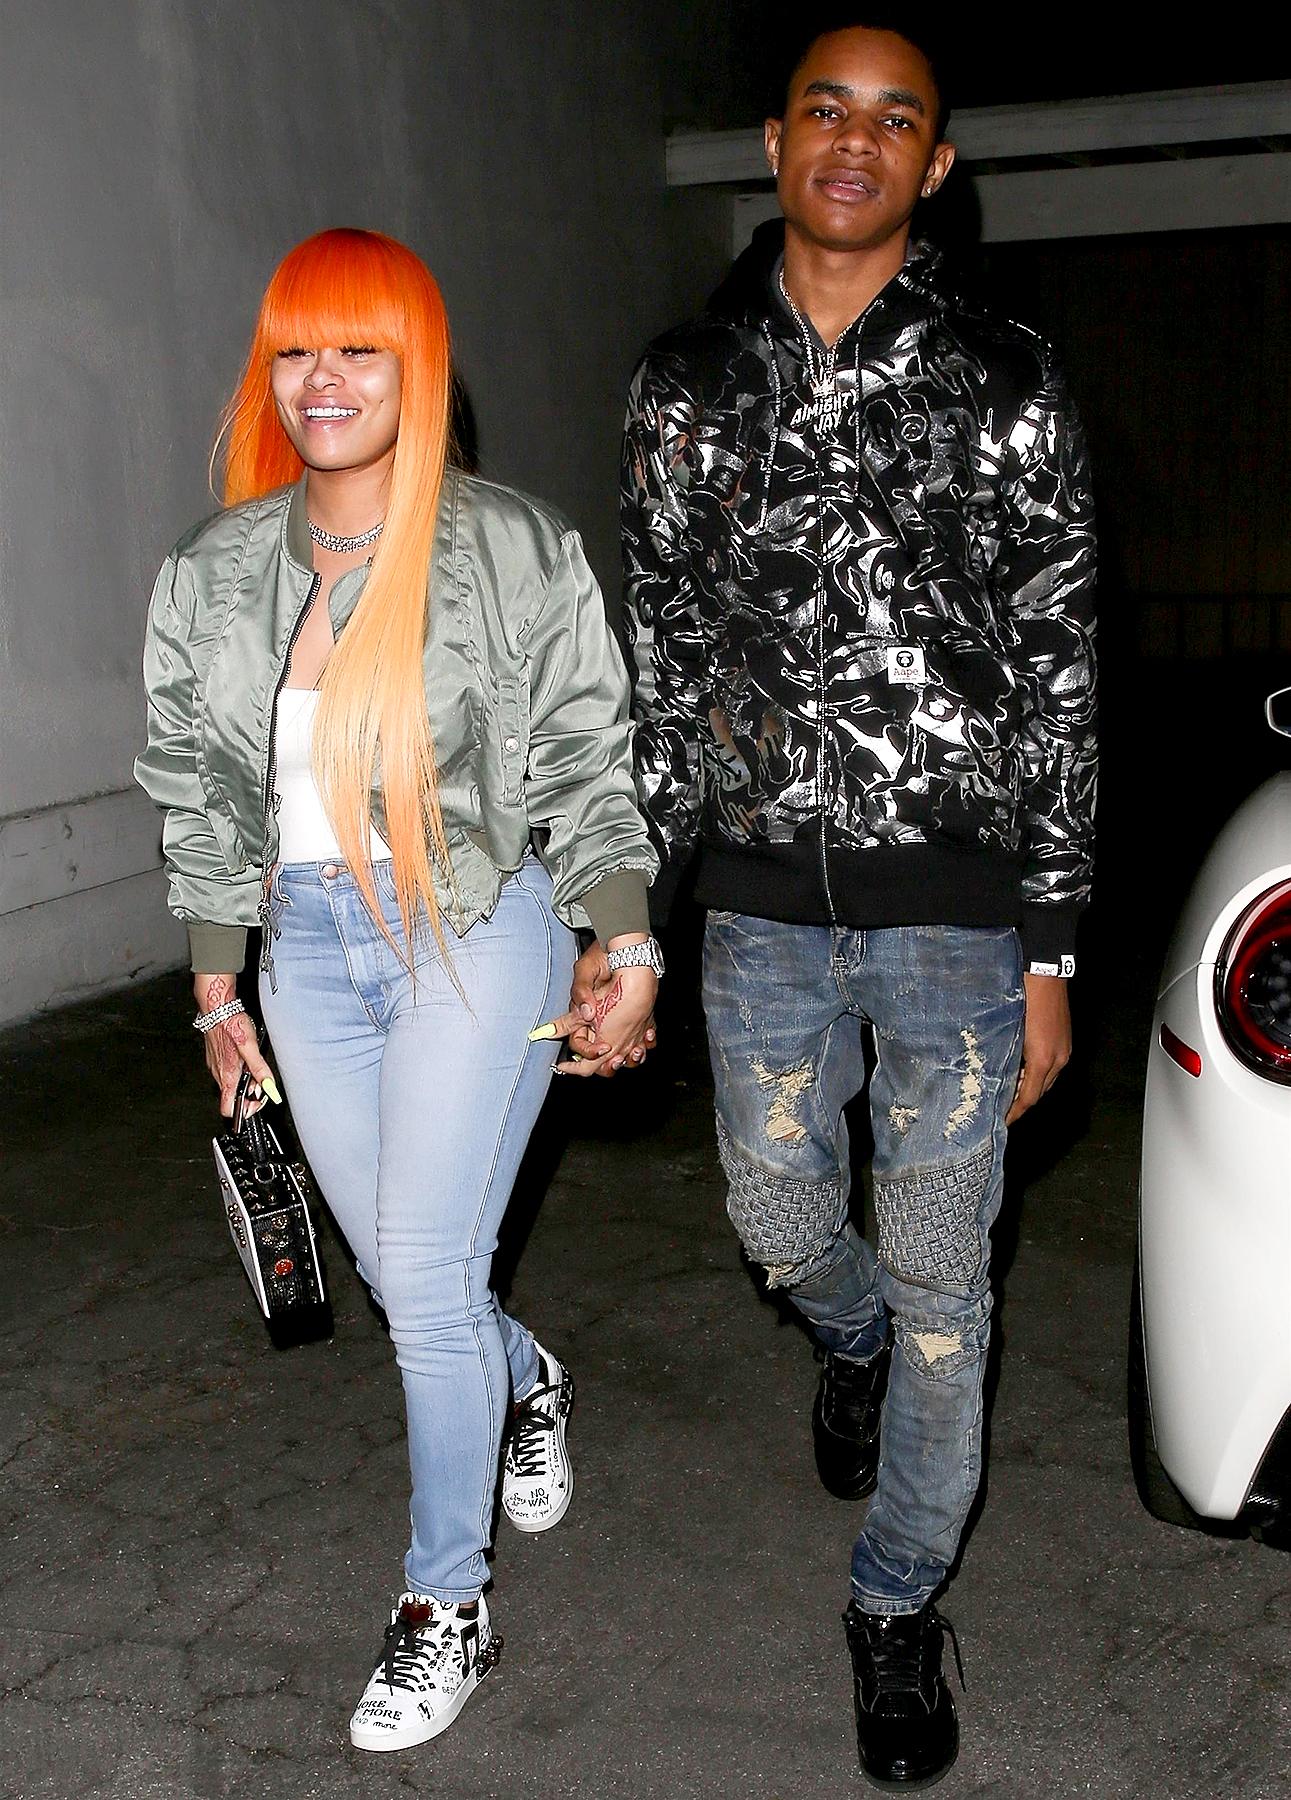 Model Blac Chyna Confirms Dating A New Boyfriend, 18-Year-Old Rapper YBN Almighty Jay